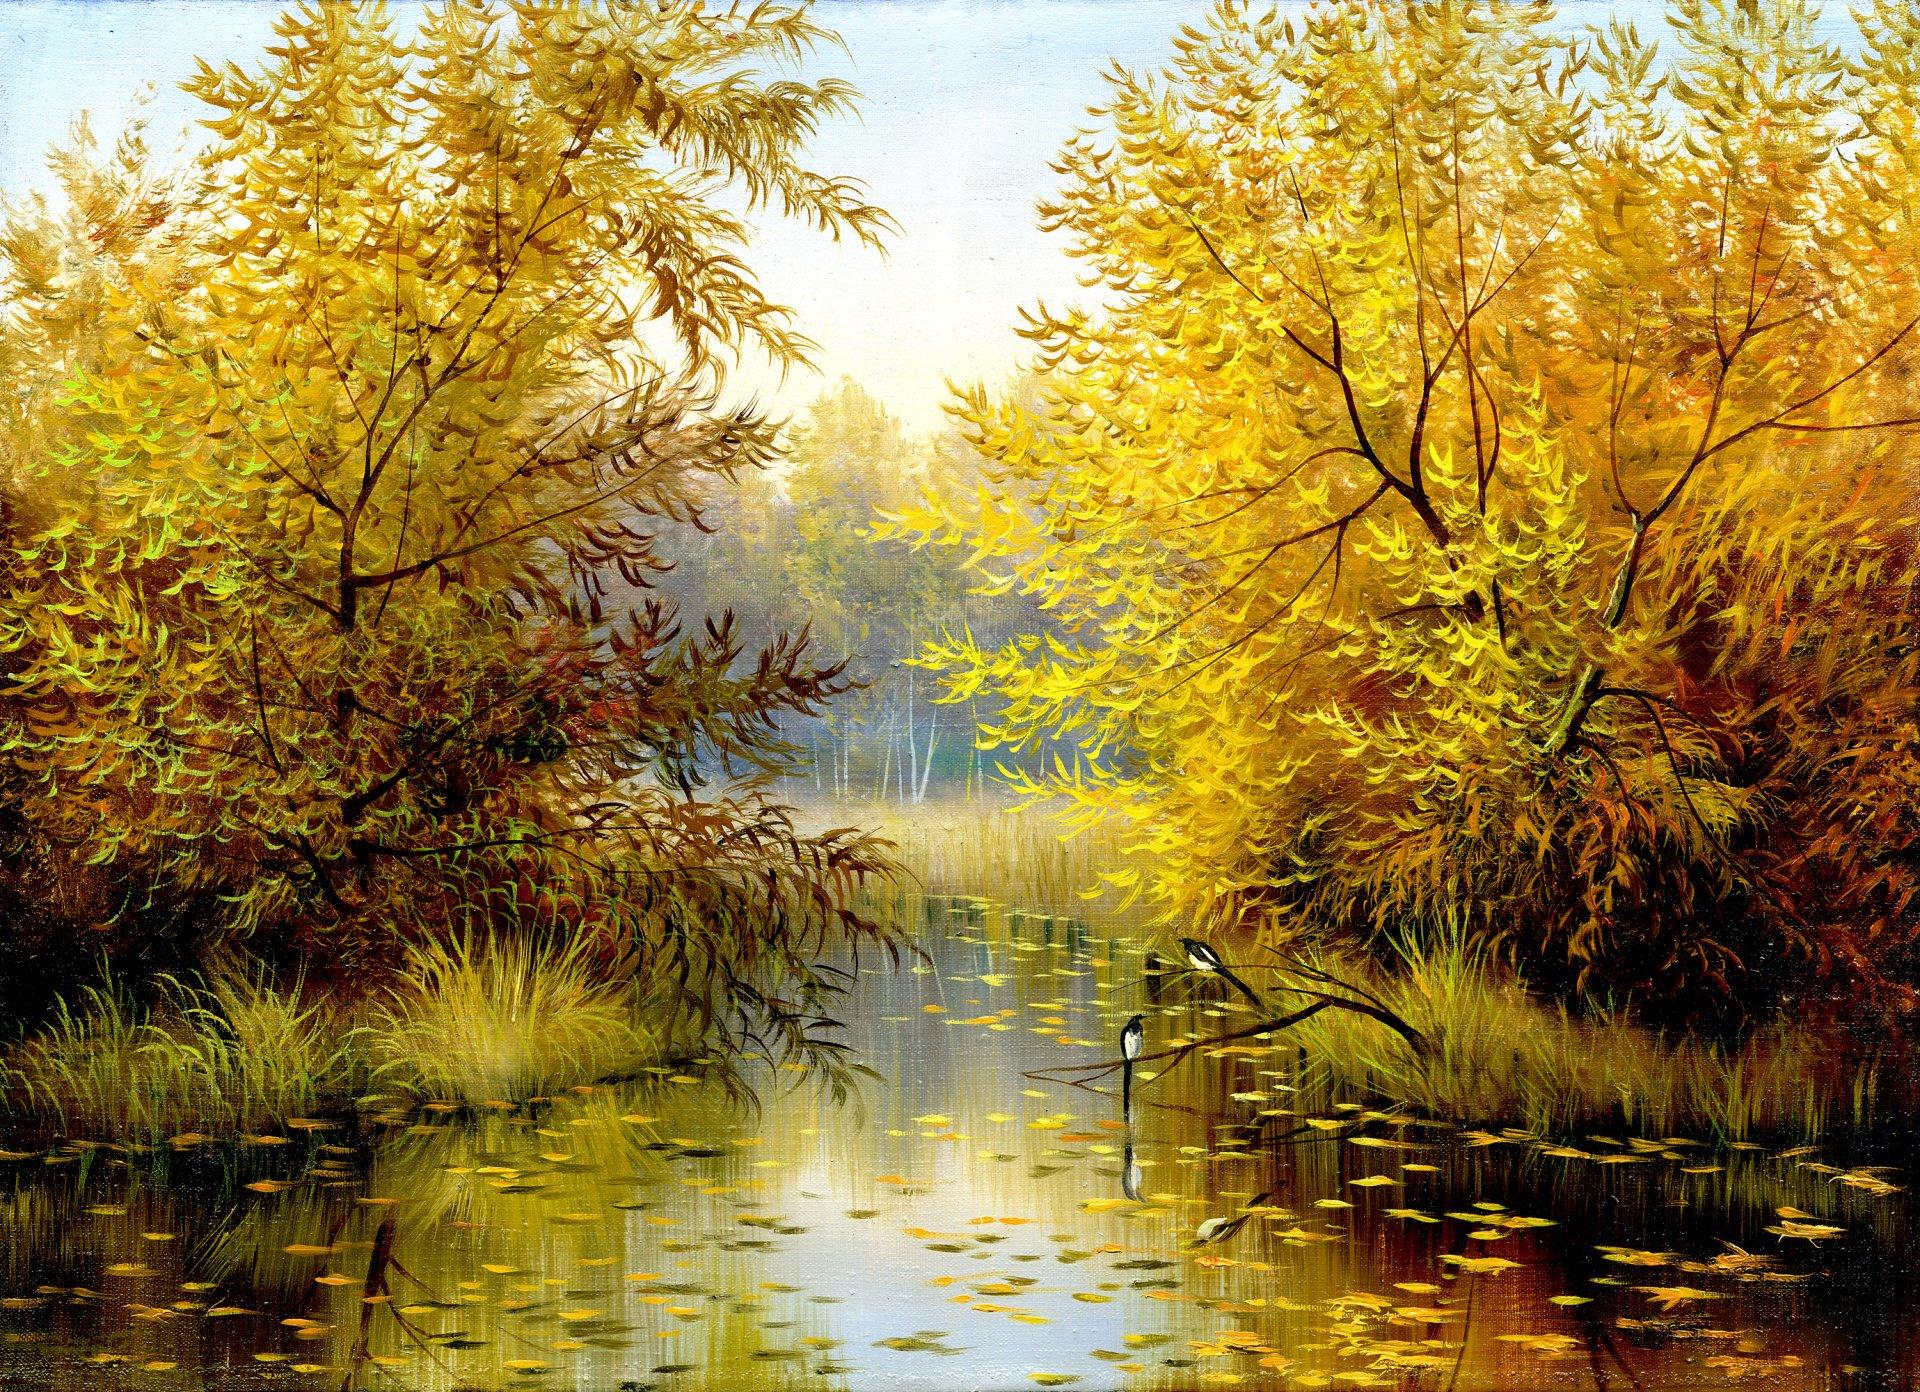 Винсент Ван Гог Жизнь и творчество работы художника